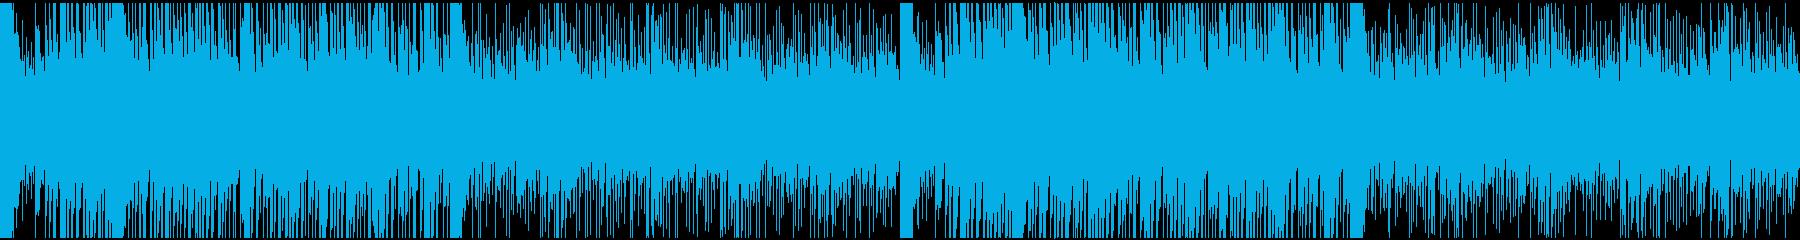 アニメAKIRAの劇中BGM風トラックの再生済みの波形